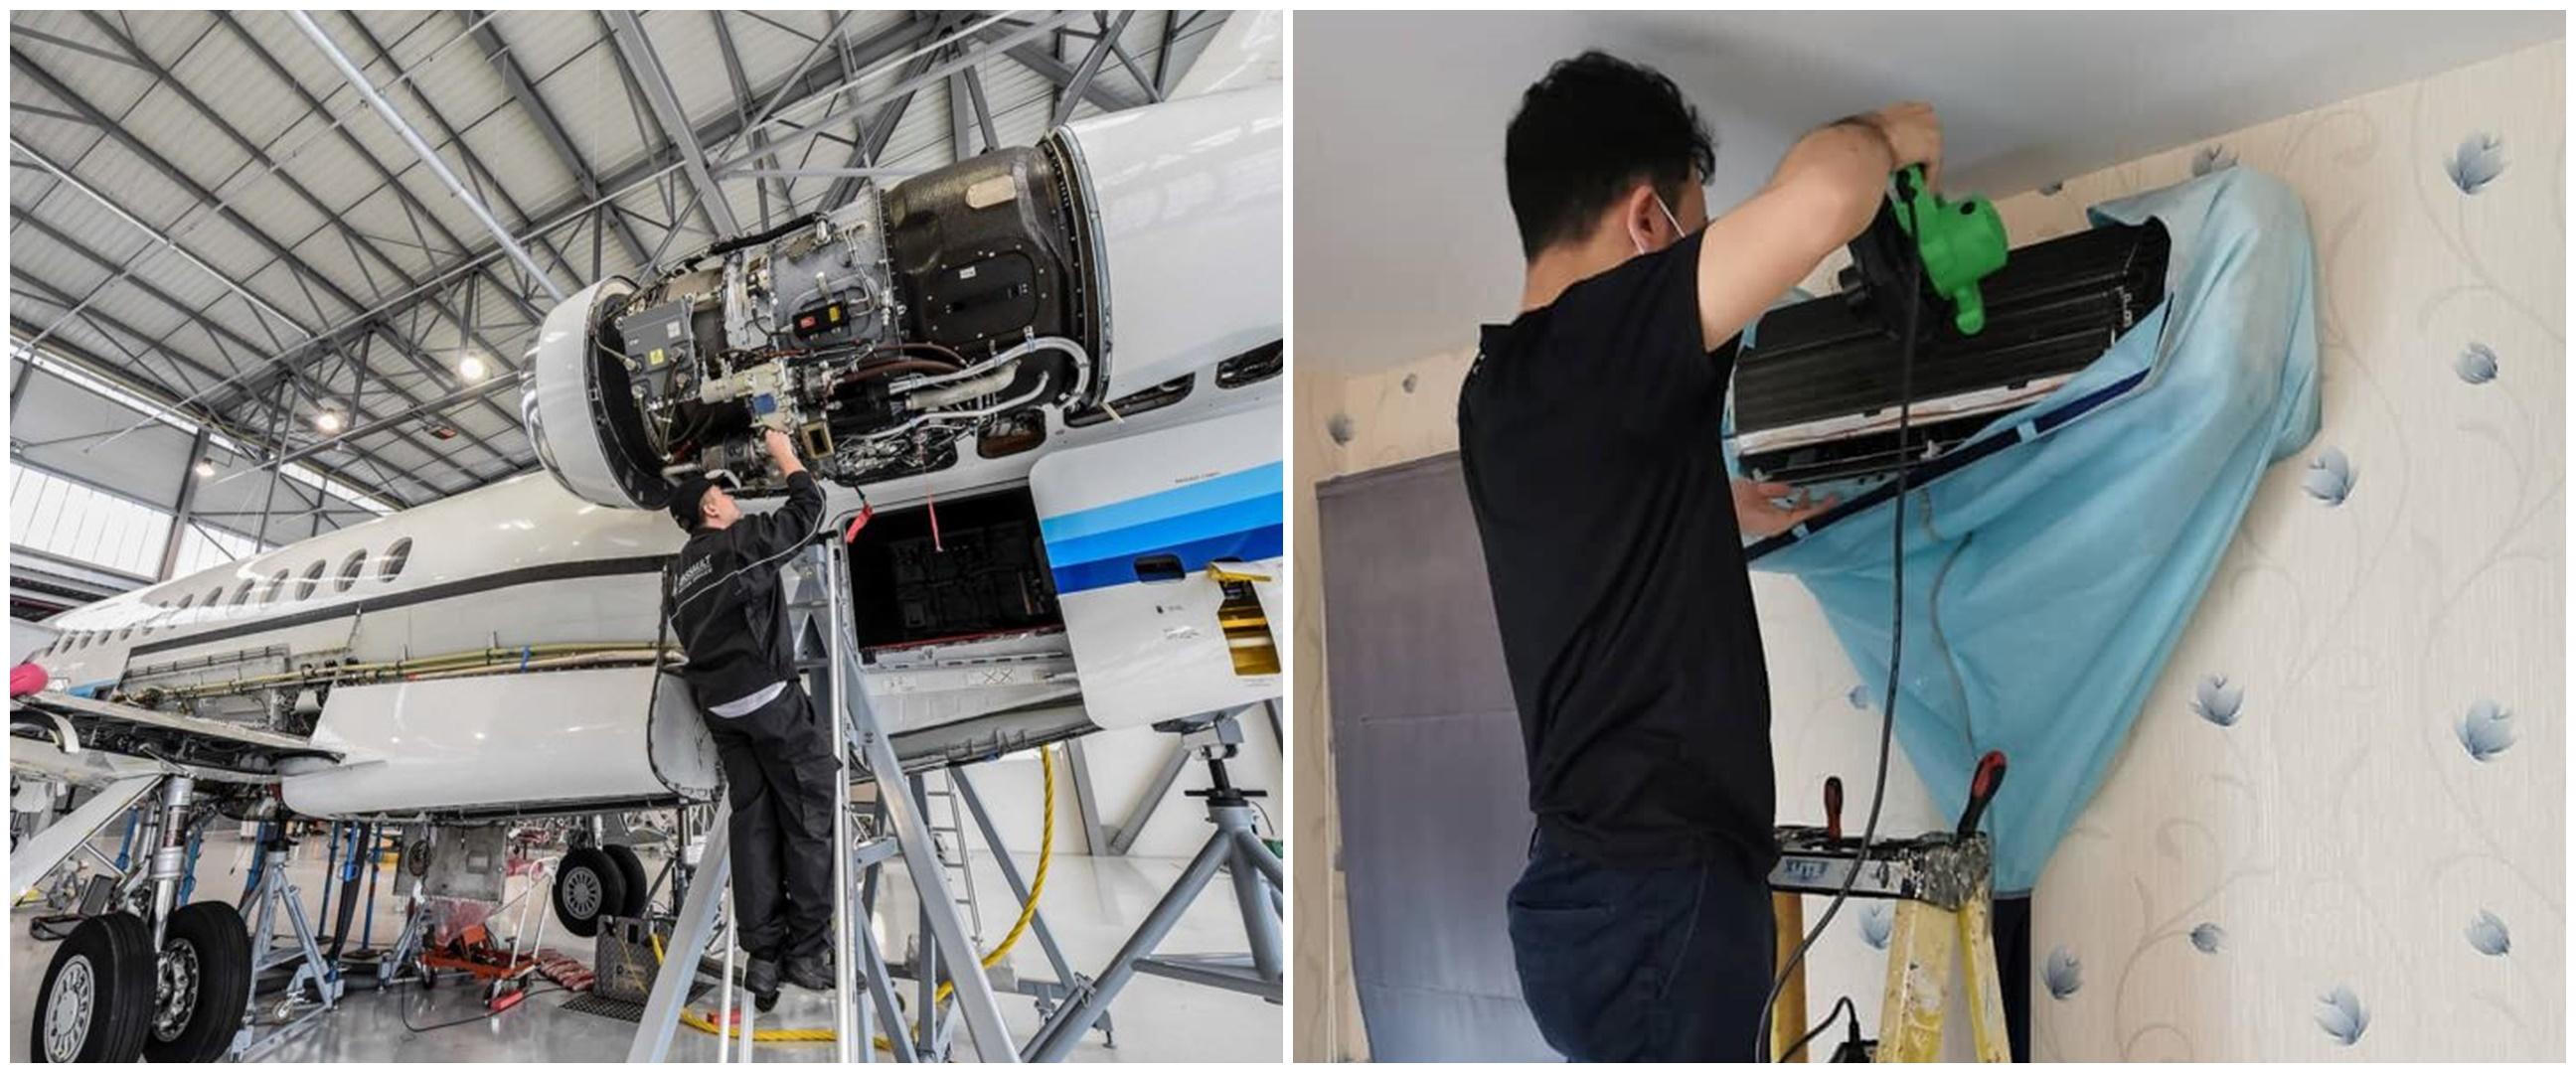 Gara-gara corona, teknisi pesawat ini rela jadi tukang AC